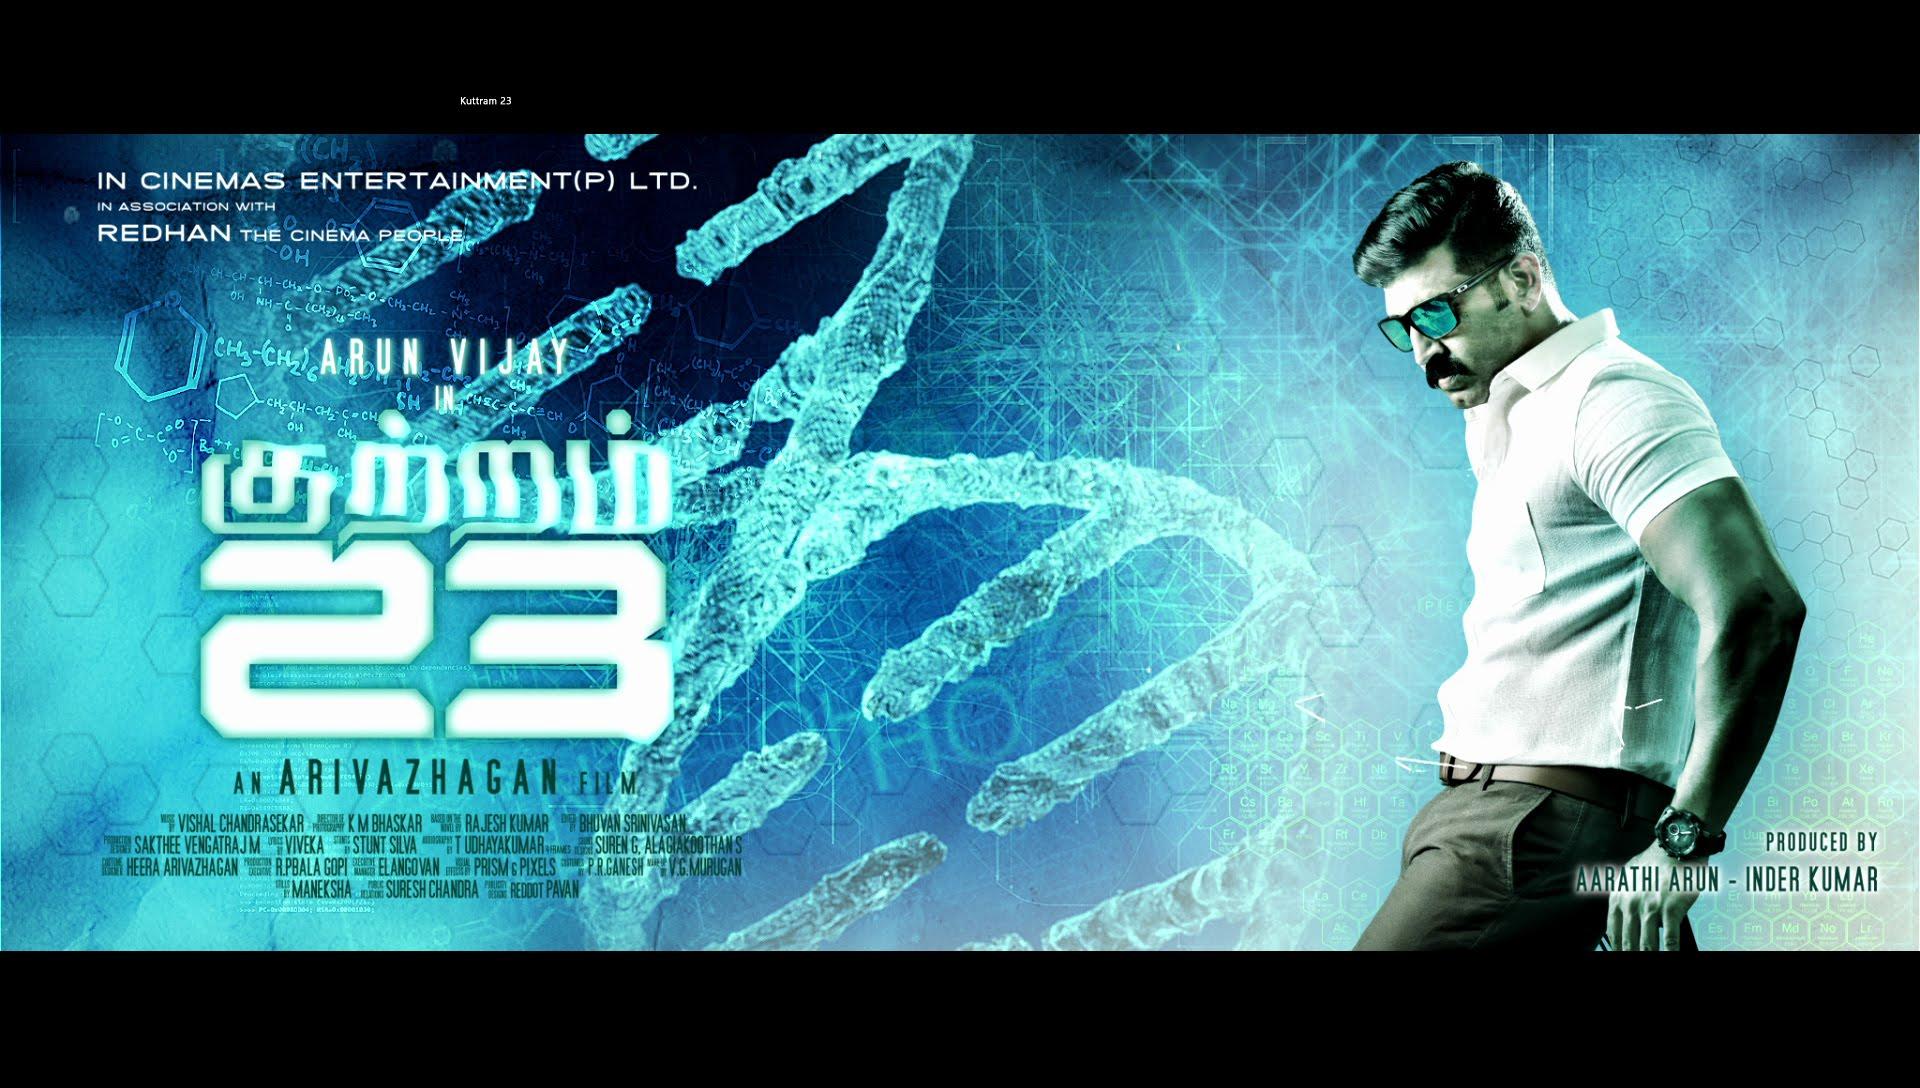 Kuttram 23 – Official Motion Poster | Arun Vijay | Arivazhagan | Vishal Chandrasekar